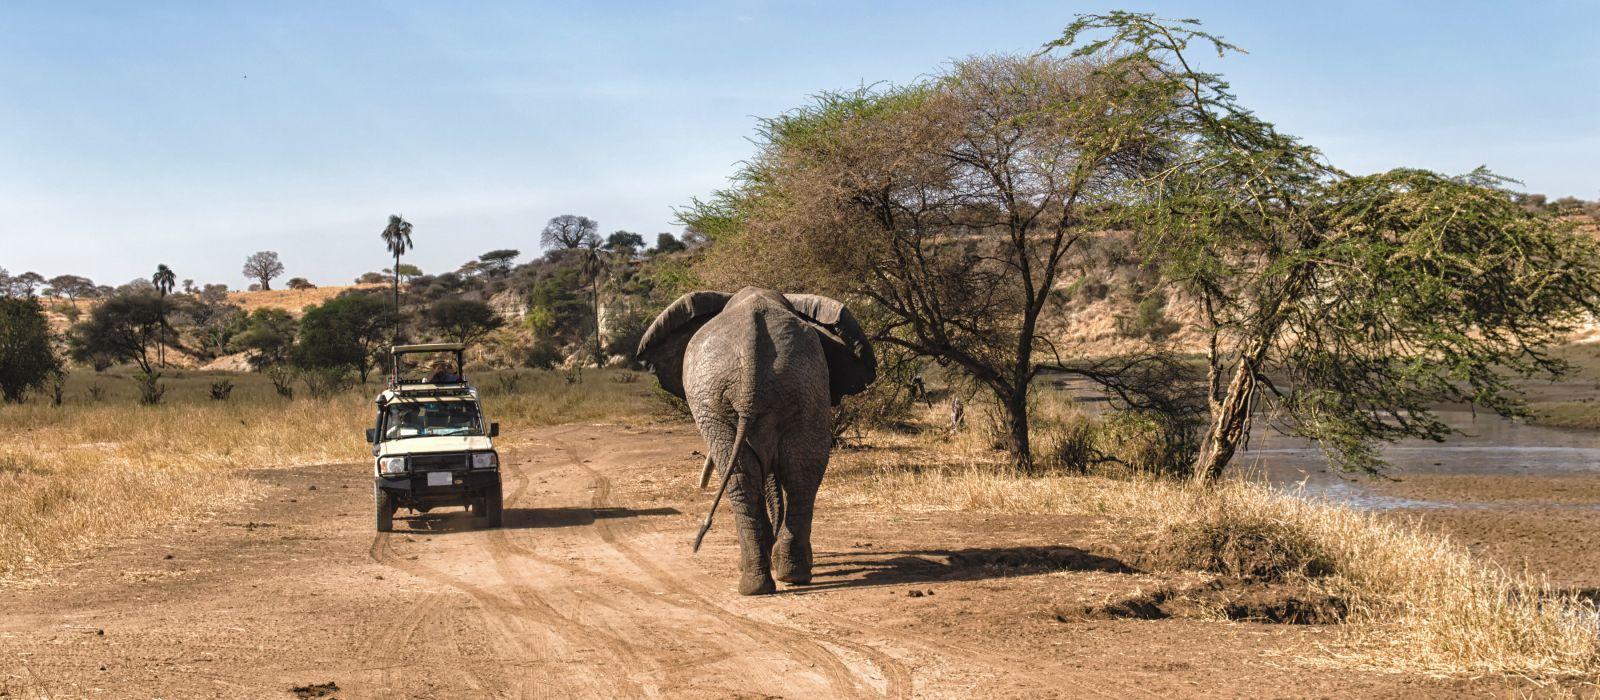 Tourist auf Safari,fotografiert vorbeiziehende Elefanten im Serengeti-Nationalpark, Tansania, Afrika